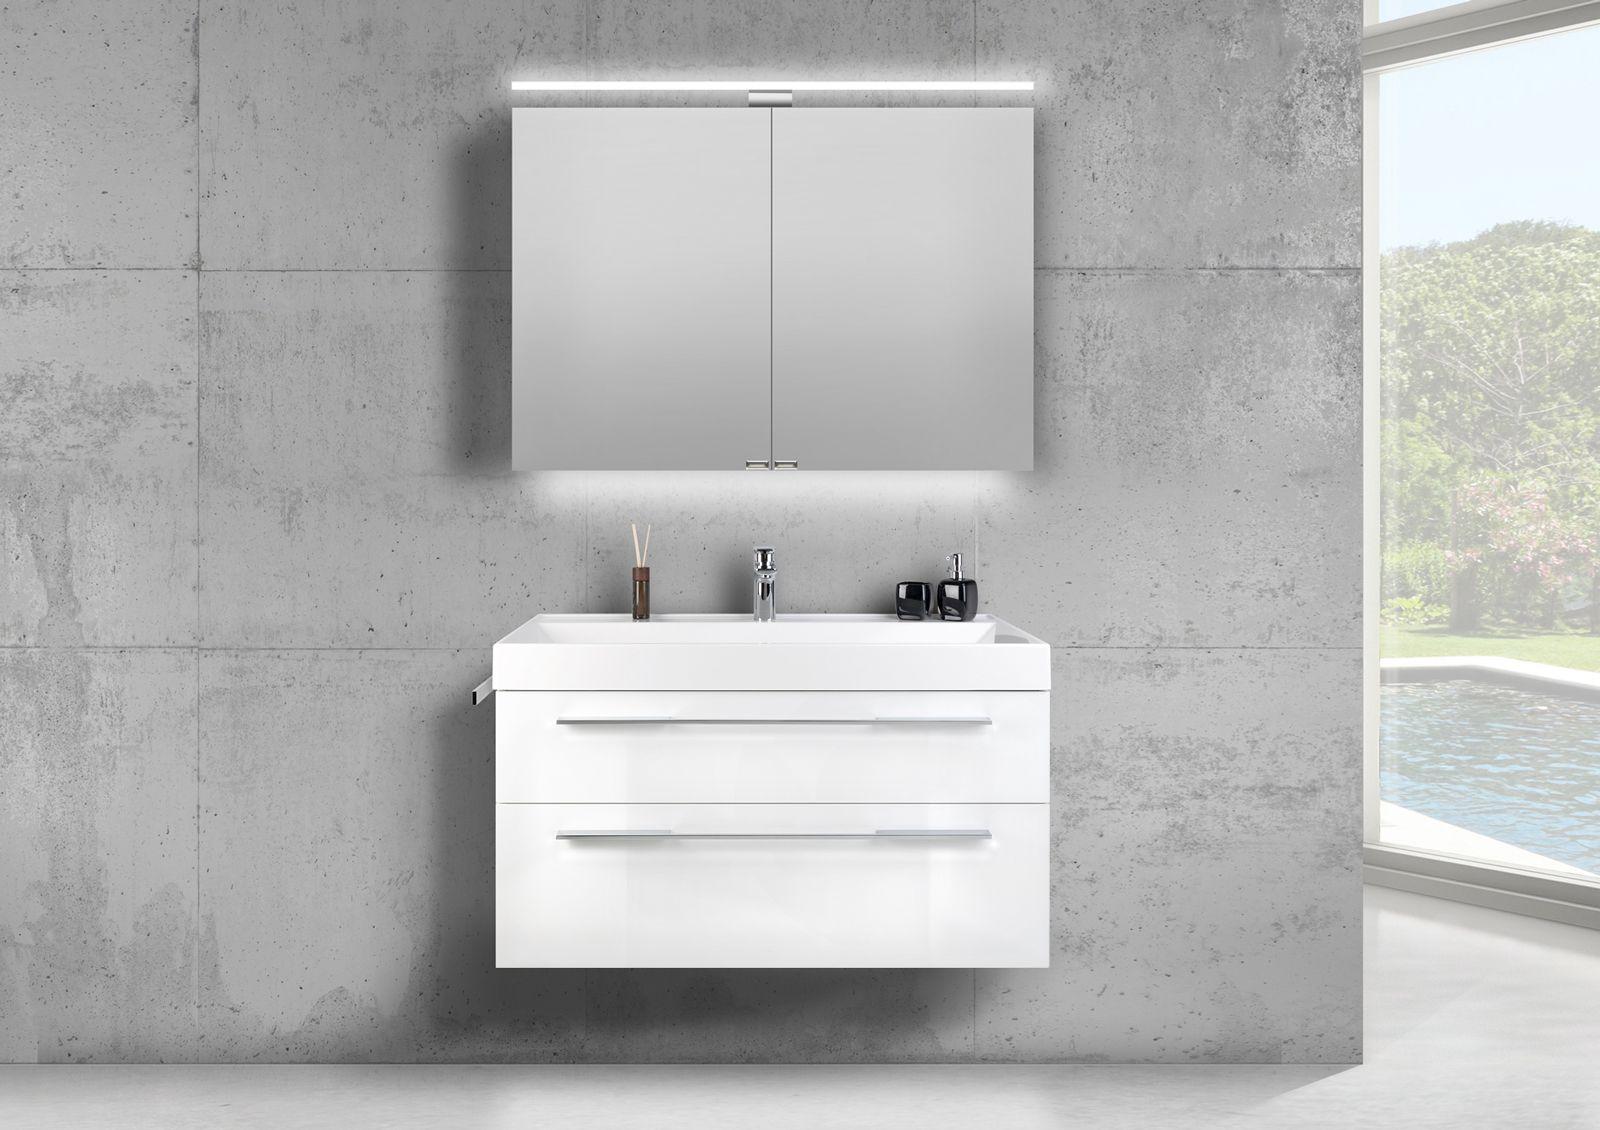 Badmobel Set 100 Cm Waschtisch Evermite Mit Spiegelschrank Led Weiss Hg Spiegelschrank Led Unterschrank Und Waschtisch